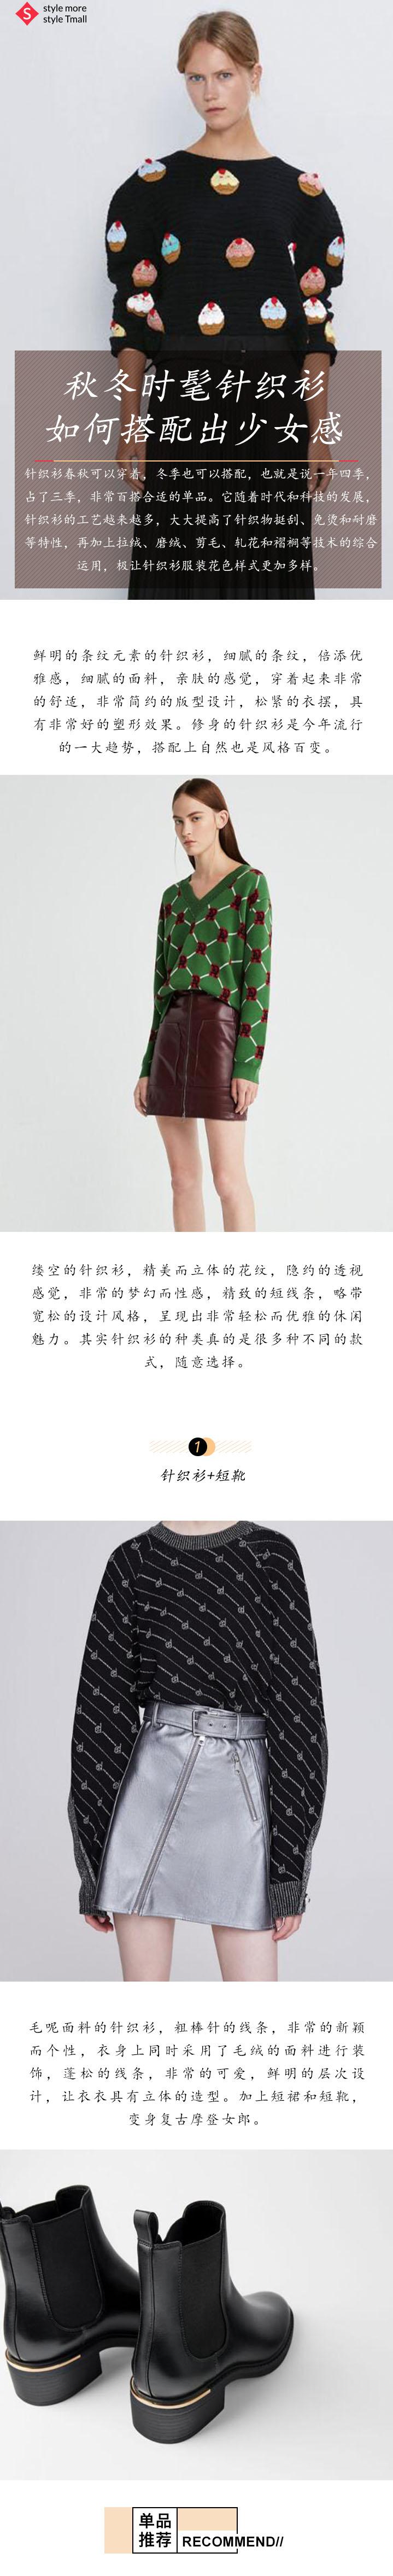 秋冬时髦针织衫,如何搭配出少女感